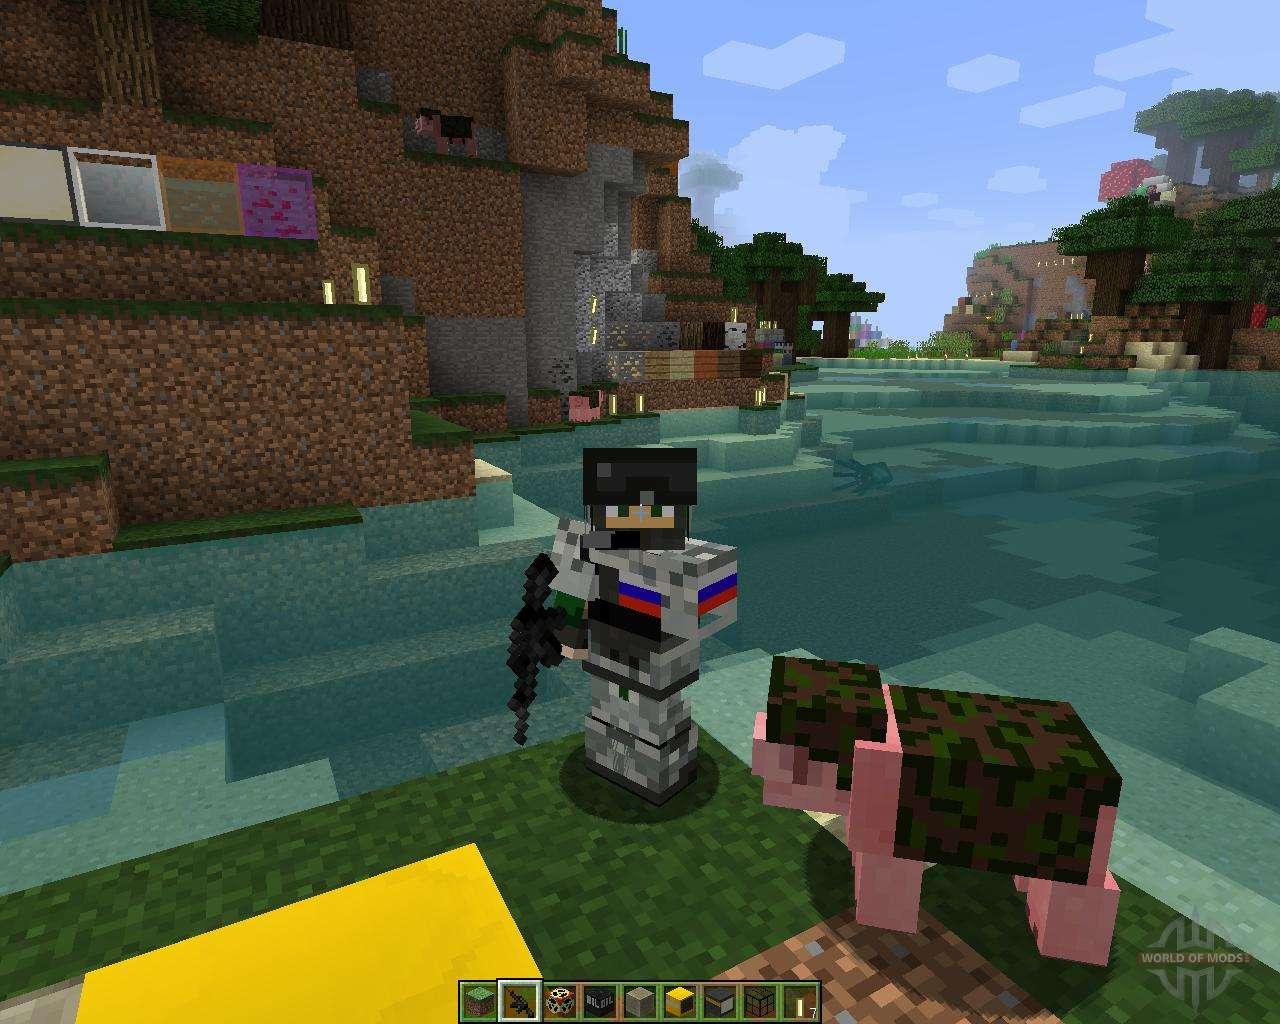 скачать текстур пак для minecraft 1.8.8 #10